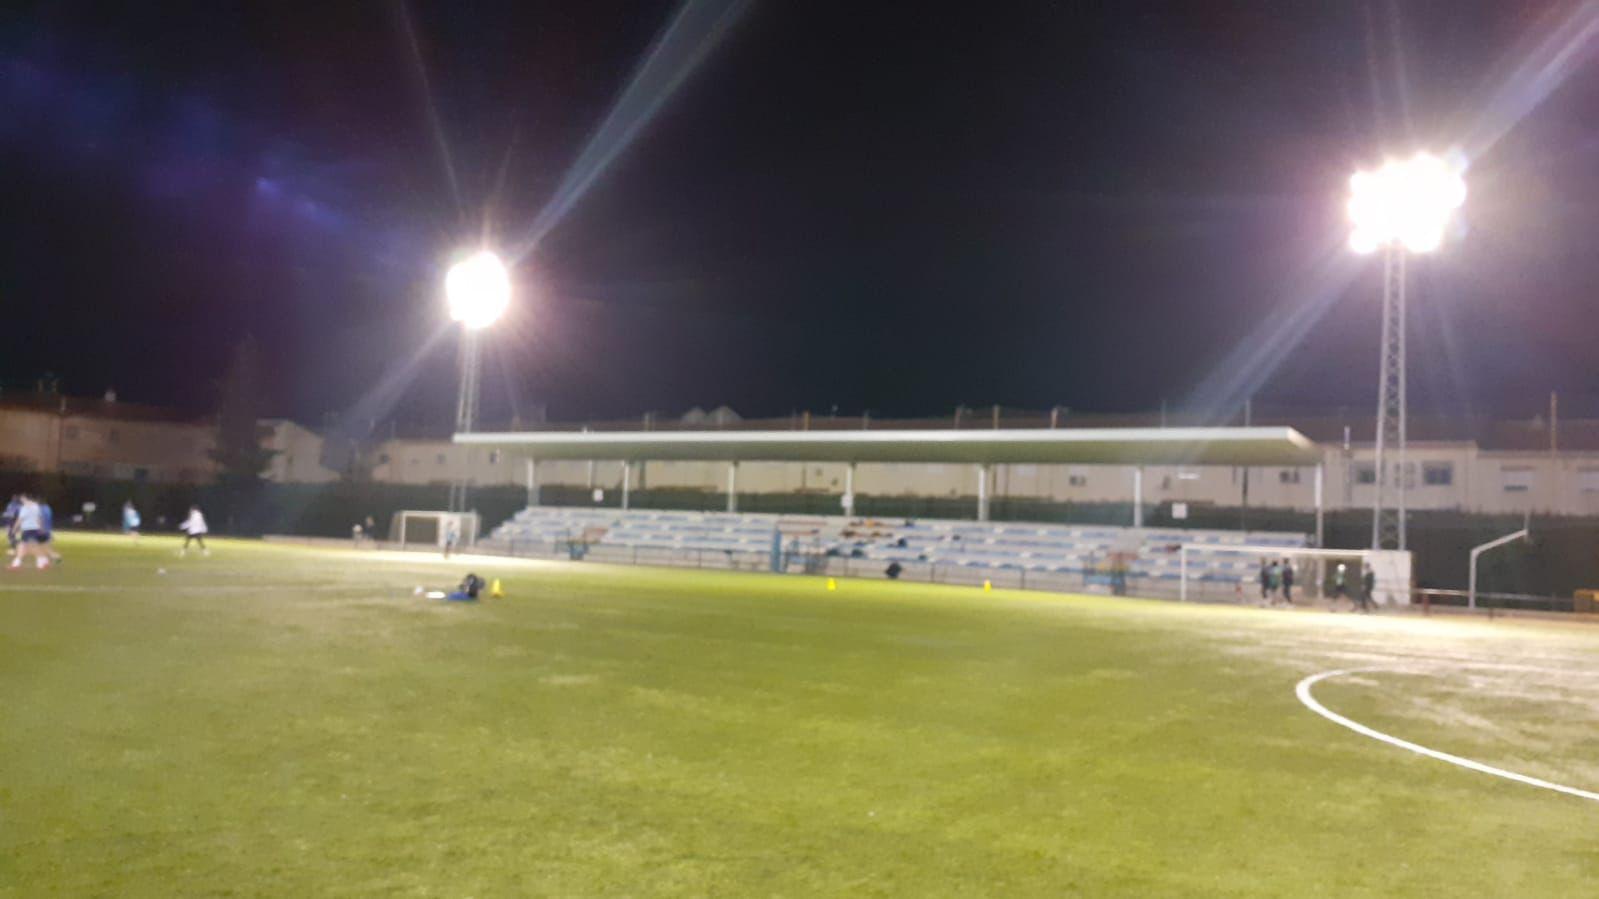 Mejoran la iluminación del campo de fútbol 'El Molino' de Vegas del Genil